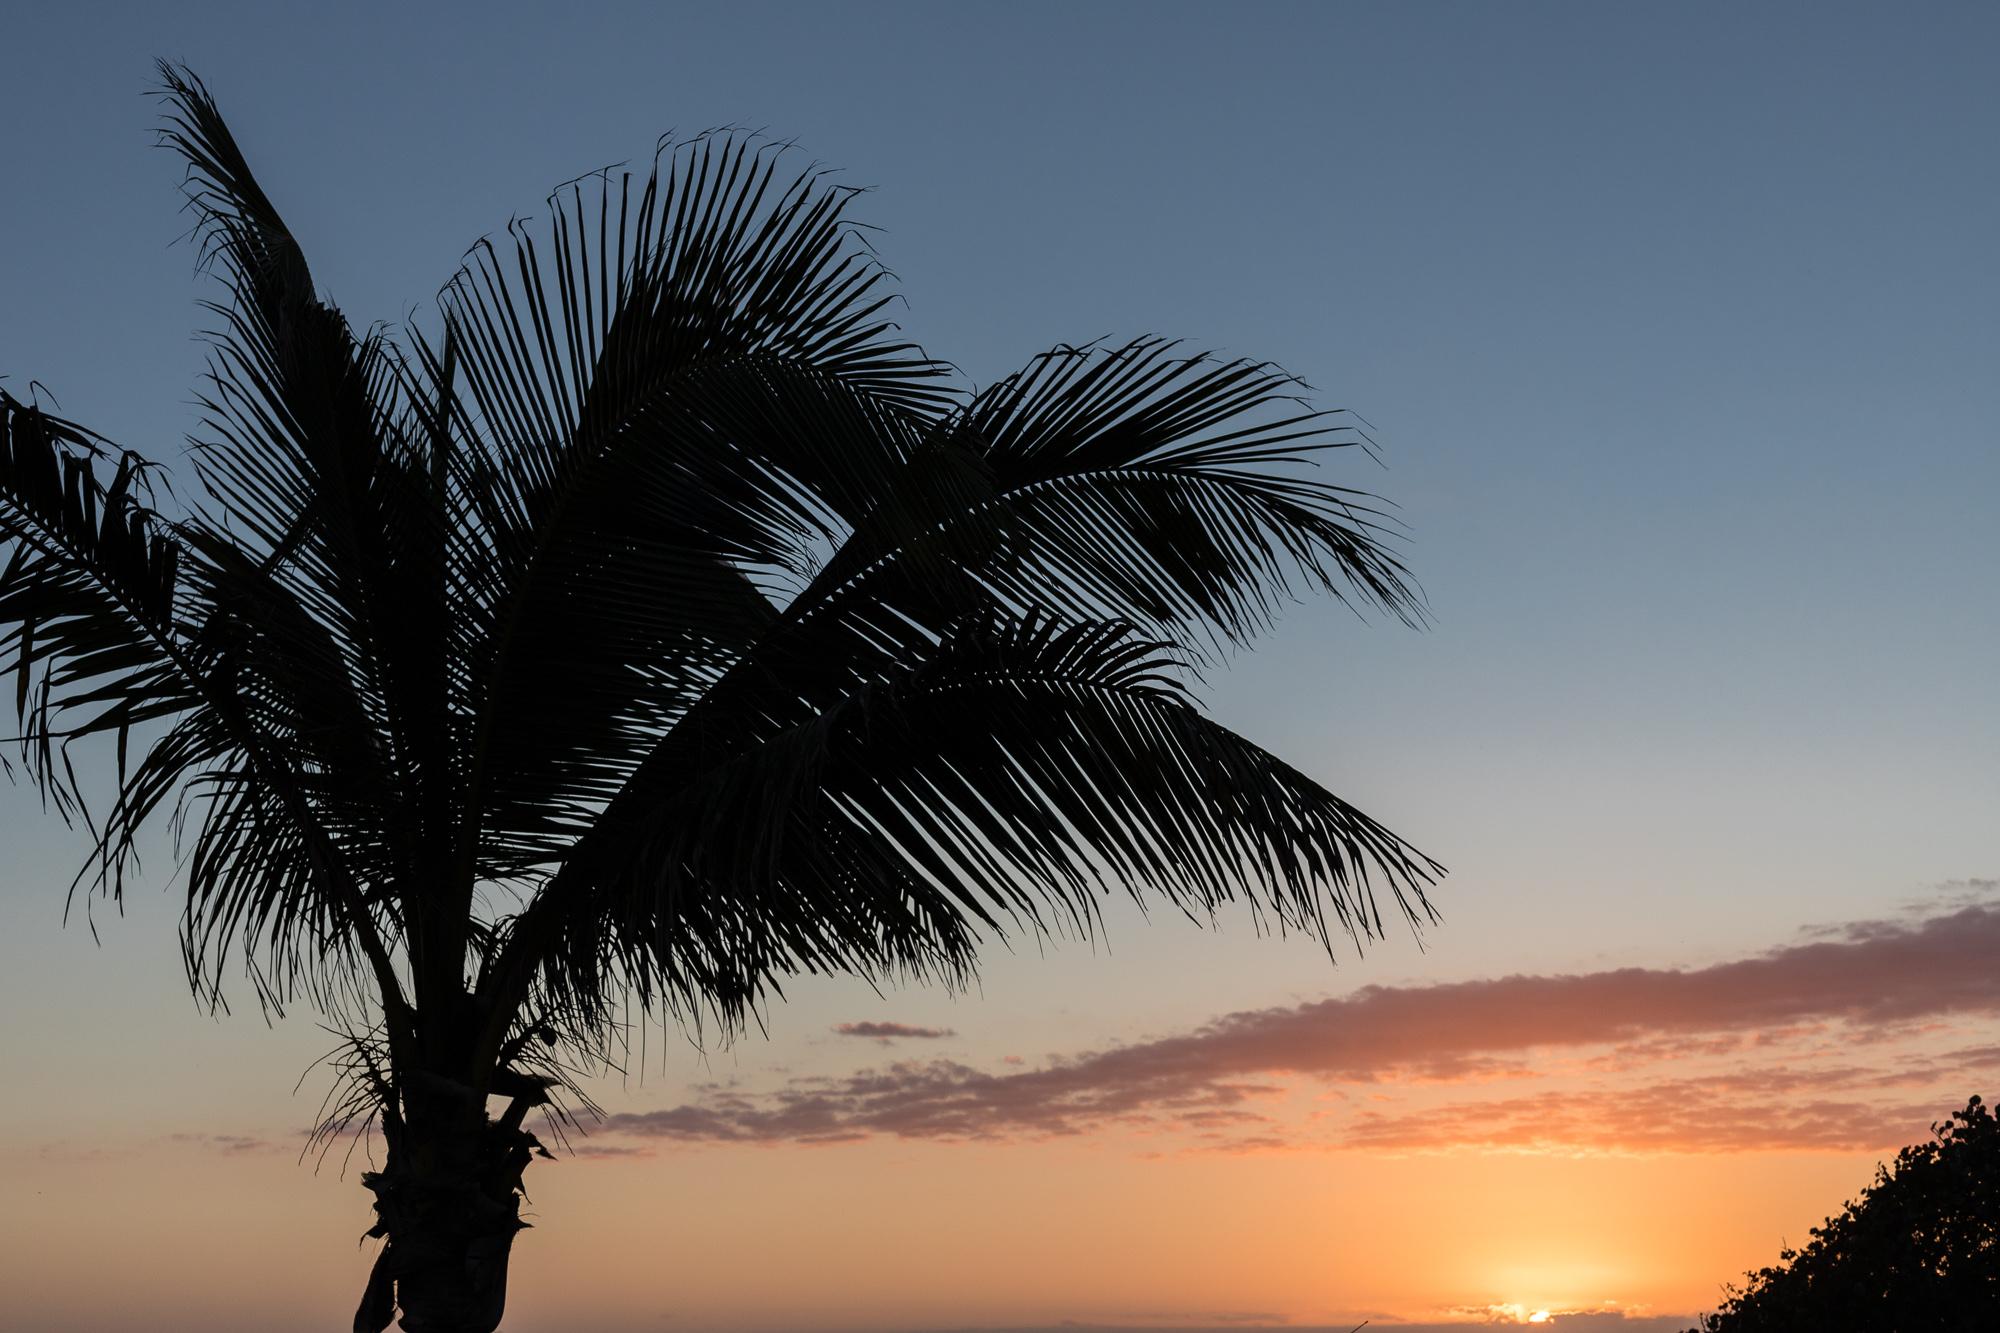 Palmier au coucher du soleil, la réunion